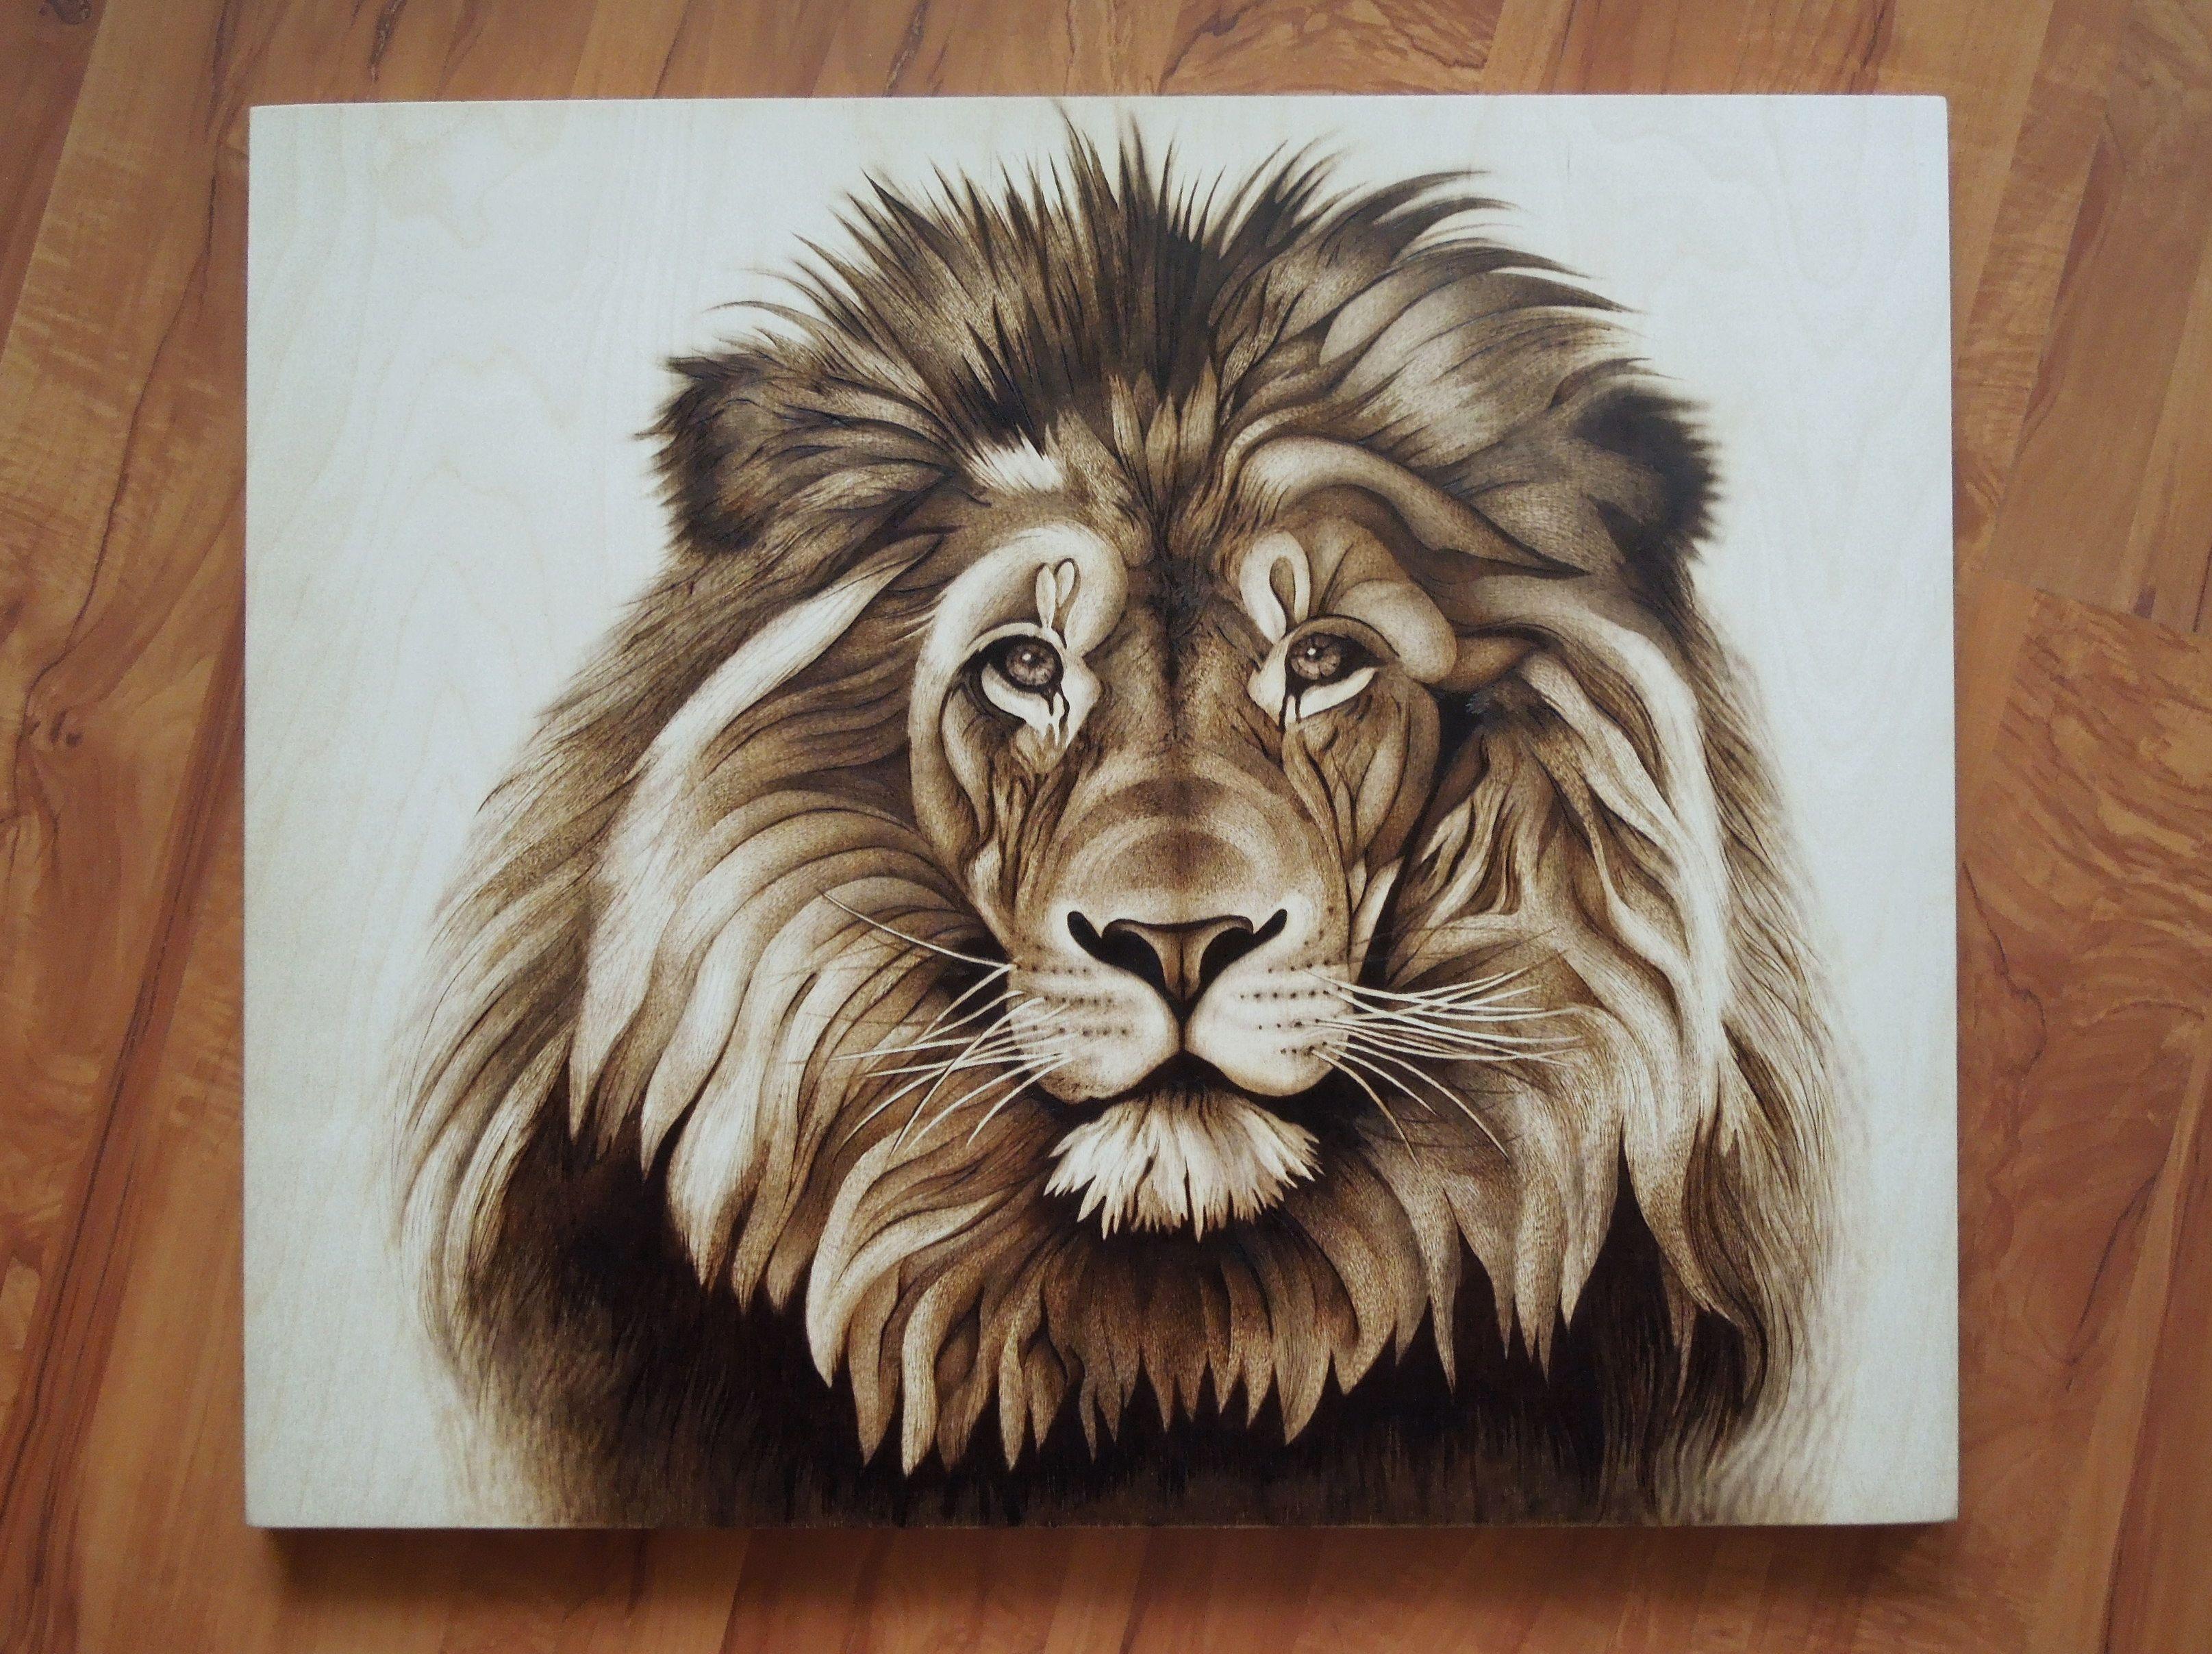 Картинка для выжигания по дереву лев